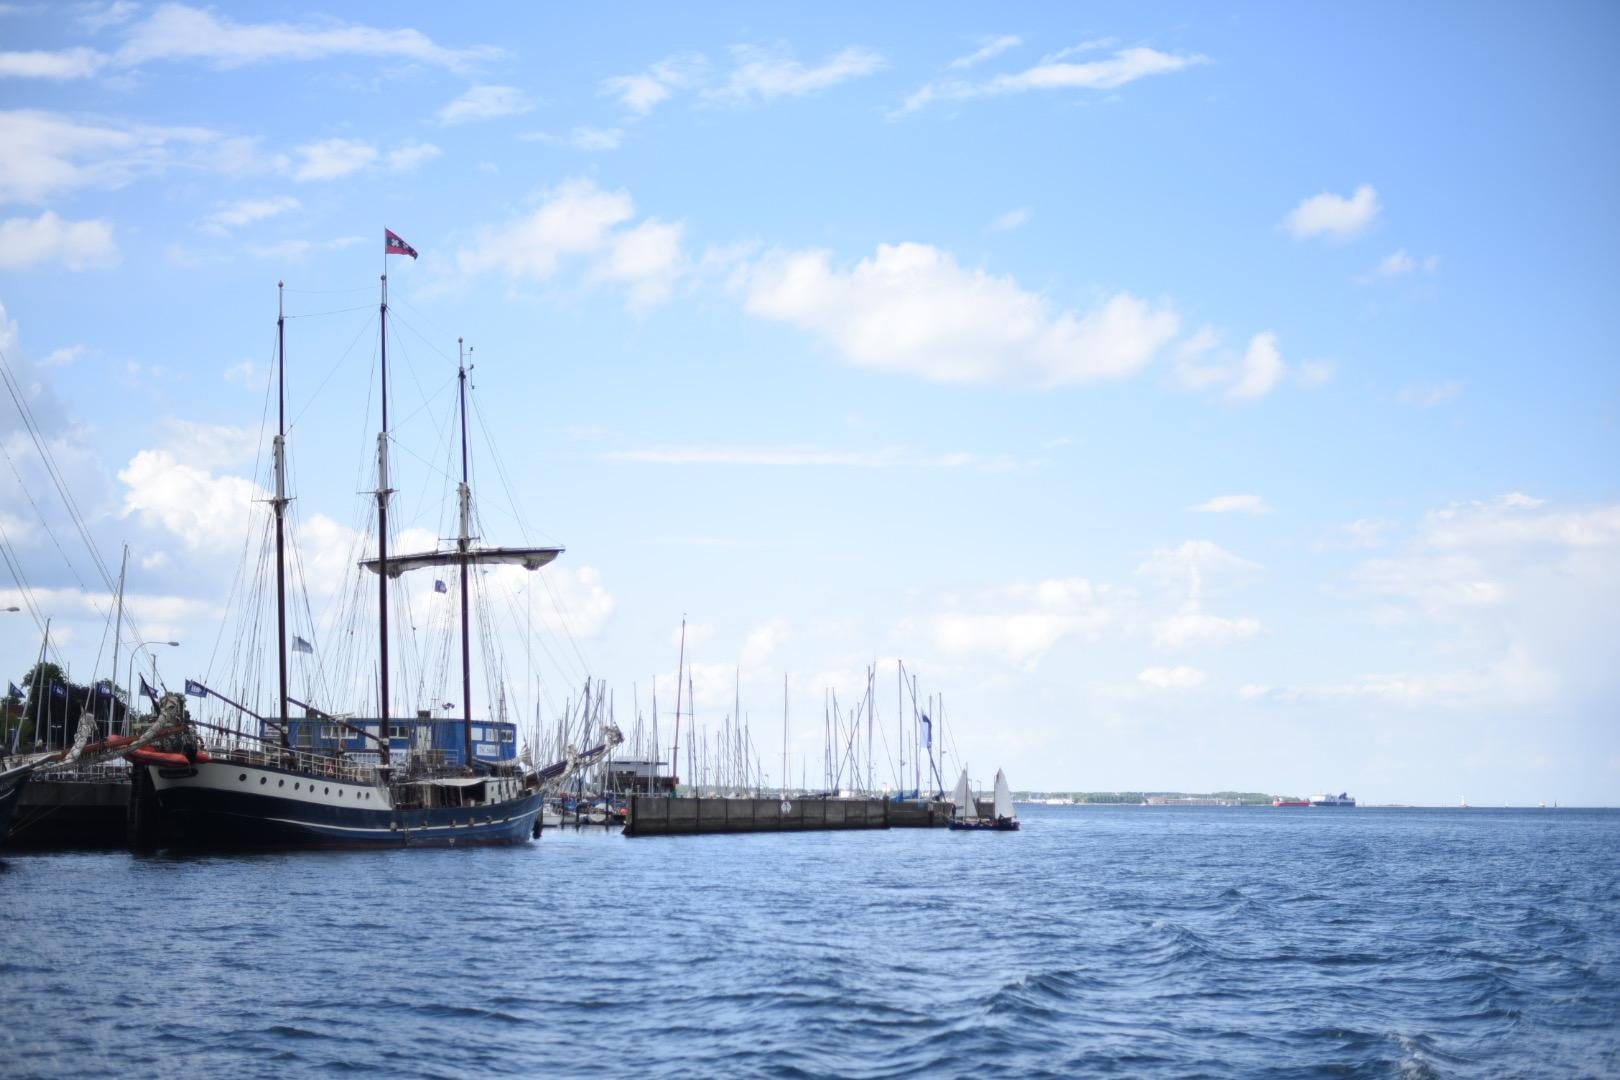 Kiel, Schleswig-Holstein